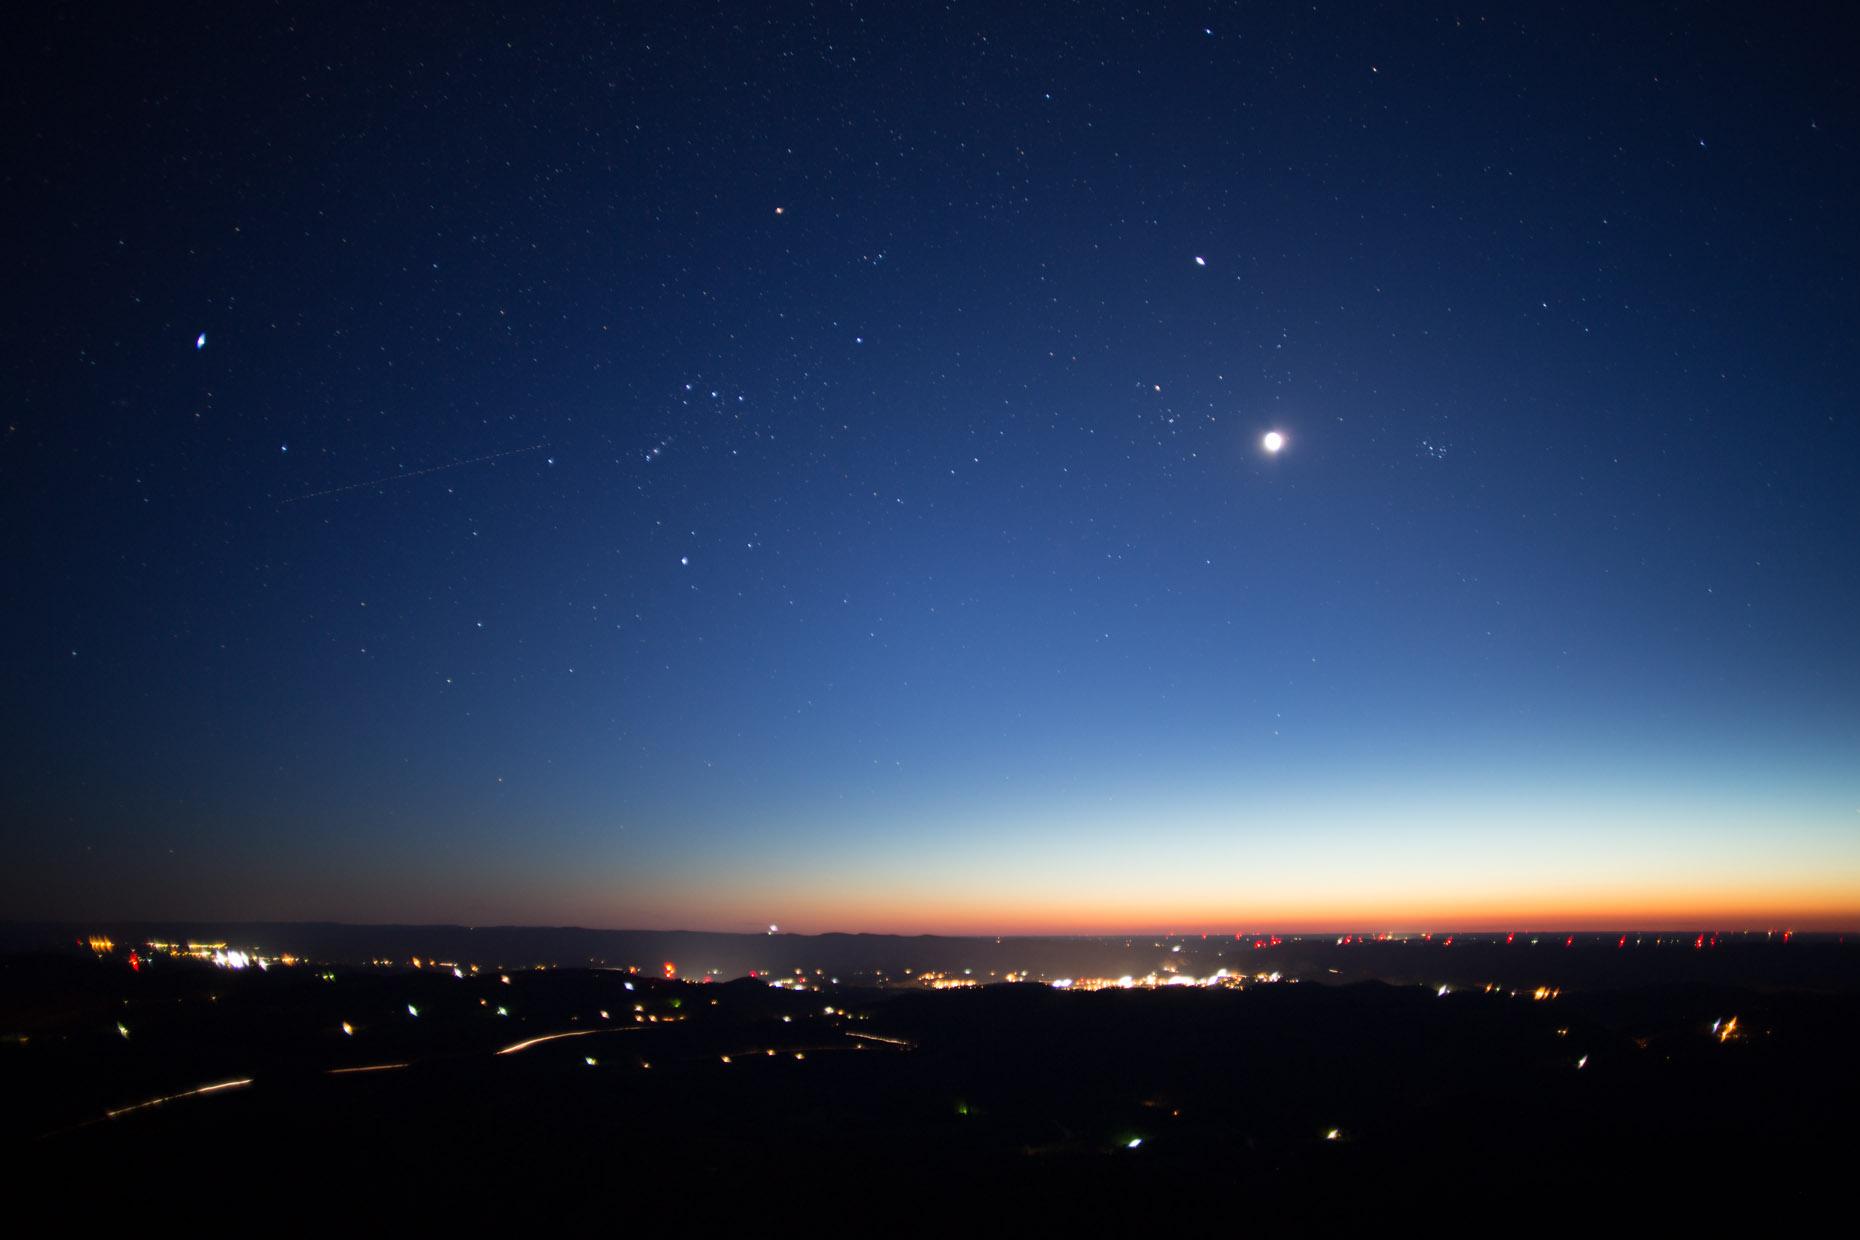 венера на звездном небе фото тех